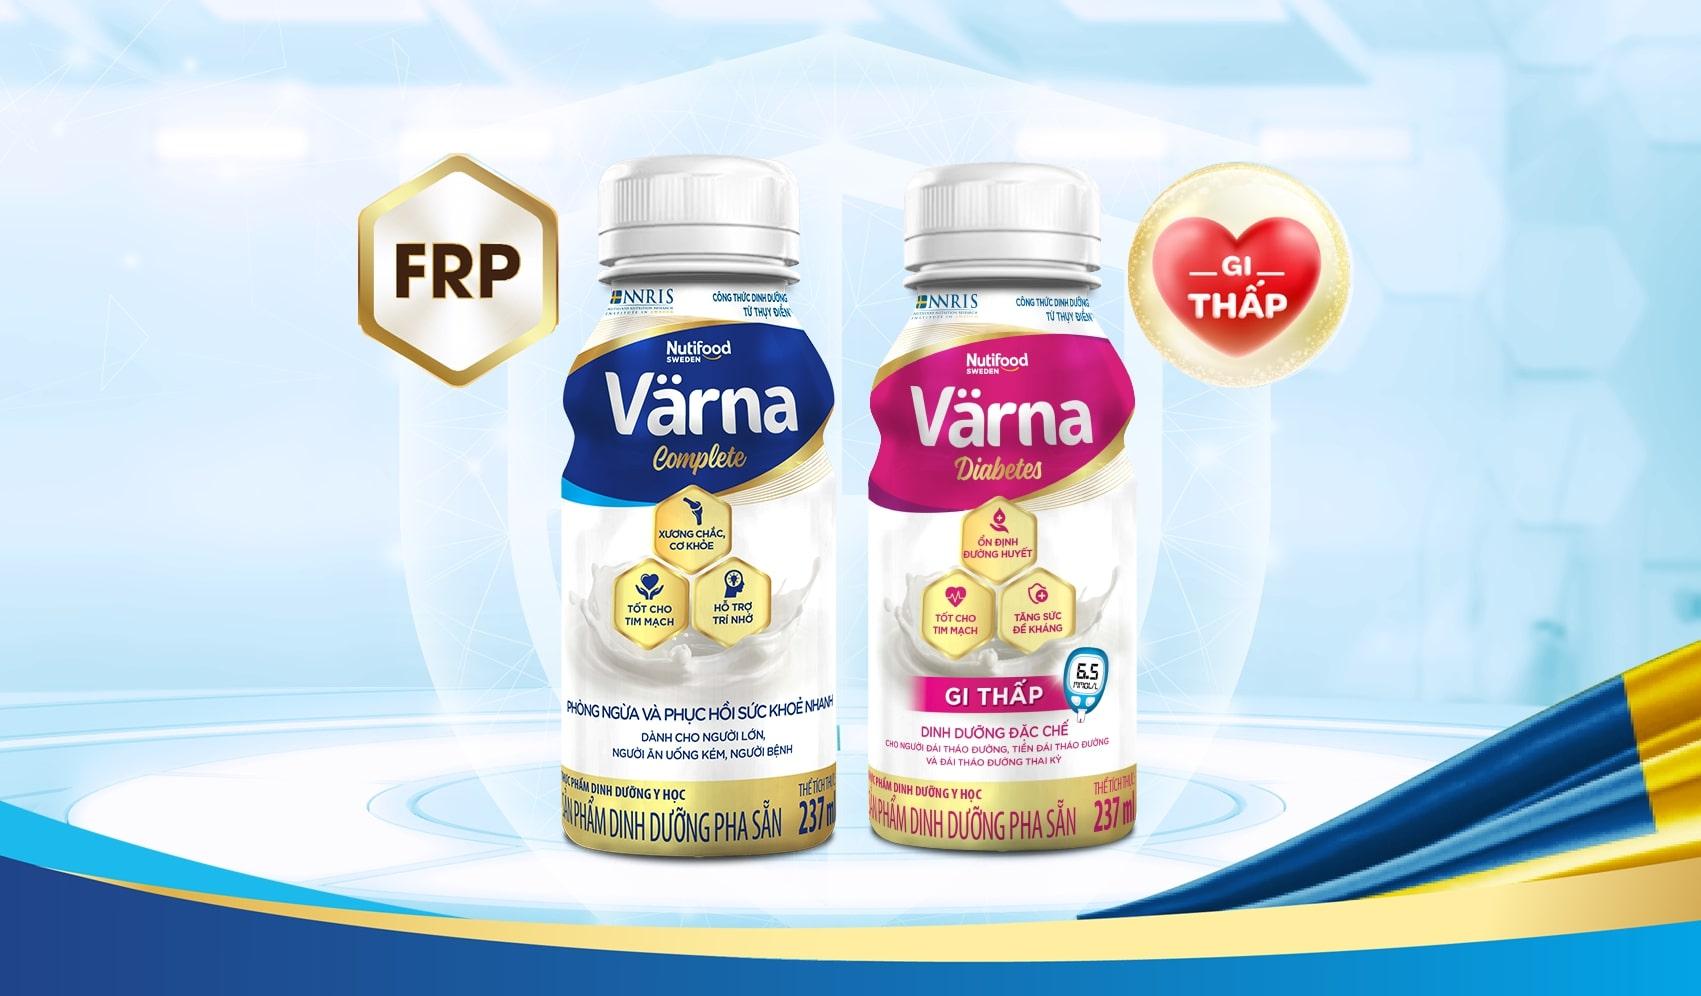 40.000 sản phẩm dinh dưỡng y học Värna từ Thụy Điển được trao tặng cho y, bác sĩ và bệnh nhân đang điều trị COVID-19 trên địa bàn tỉnh Đồng Nai.